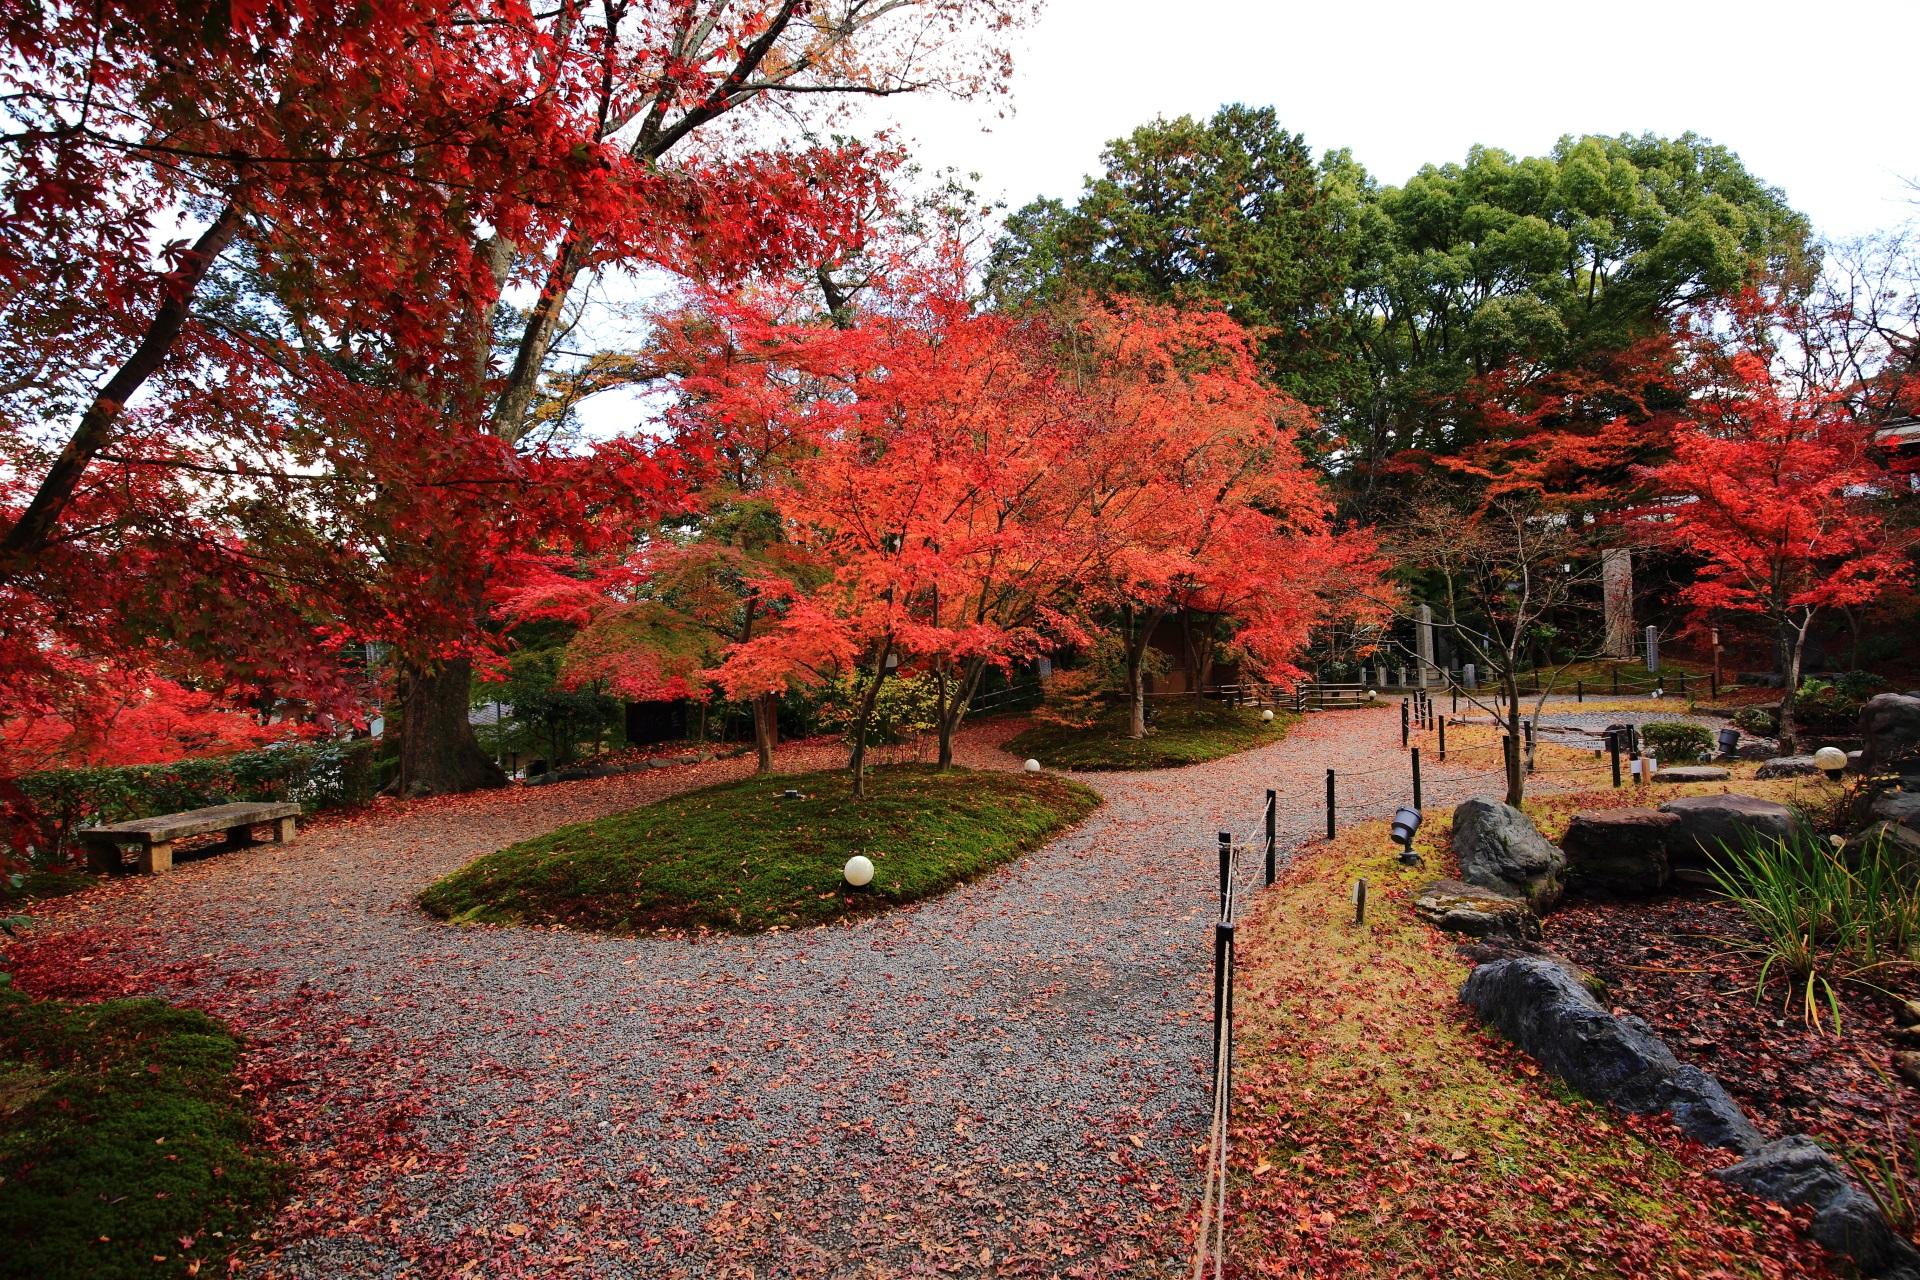 秋色に染まった紅葉の溢れる錦景苑